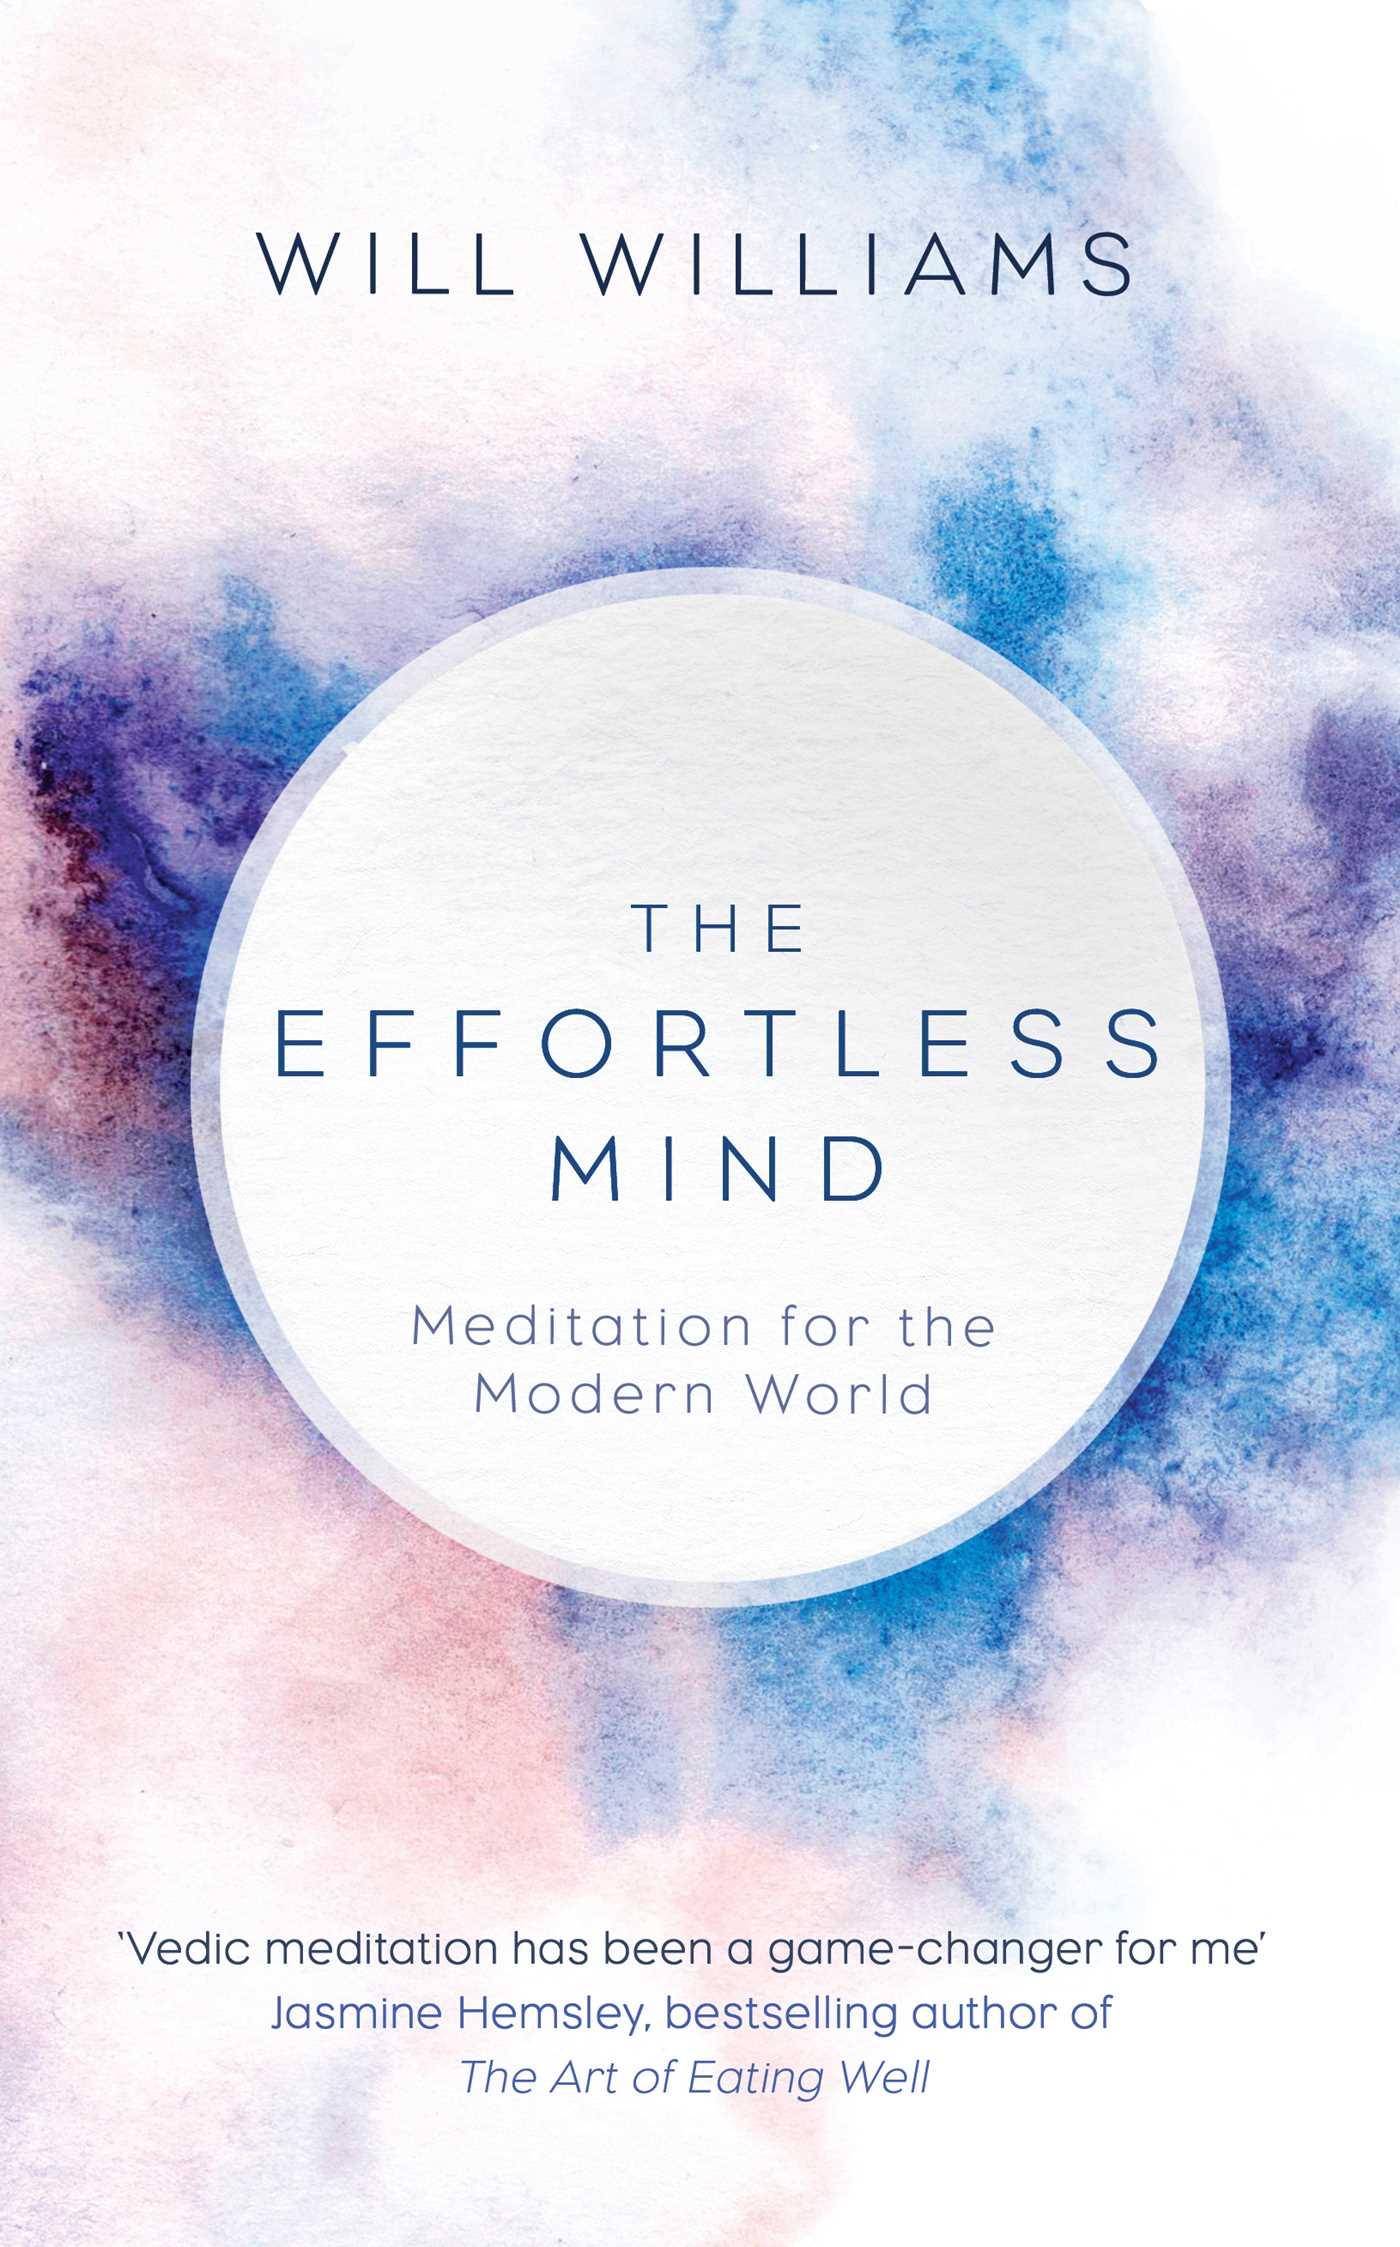 The effortless mind 9781471167904 hr